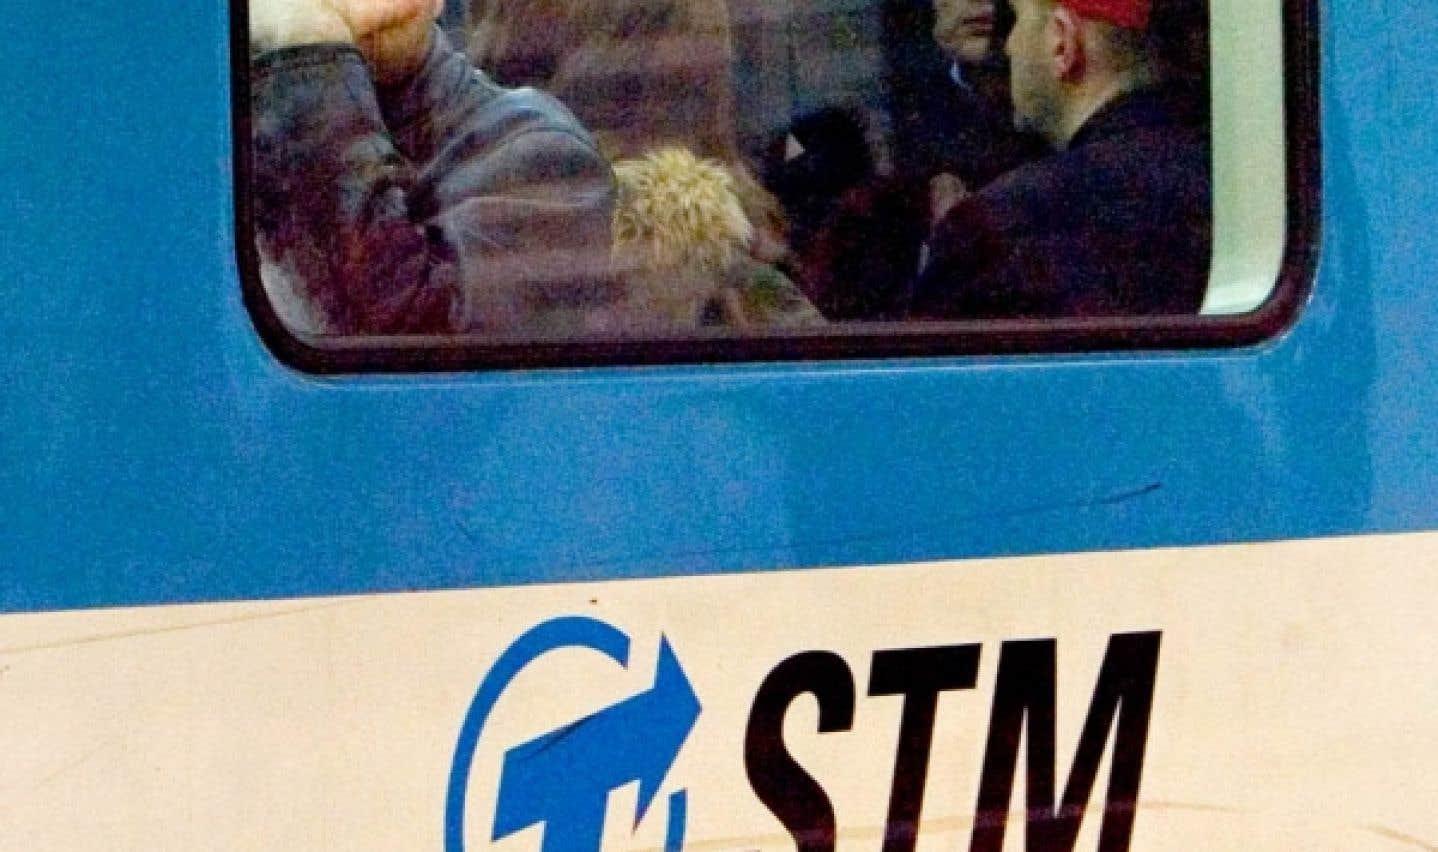 Contrat du métro - L'offensive chinoise ne fera pas dévier la STM